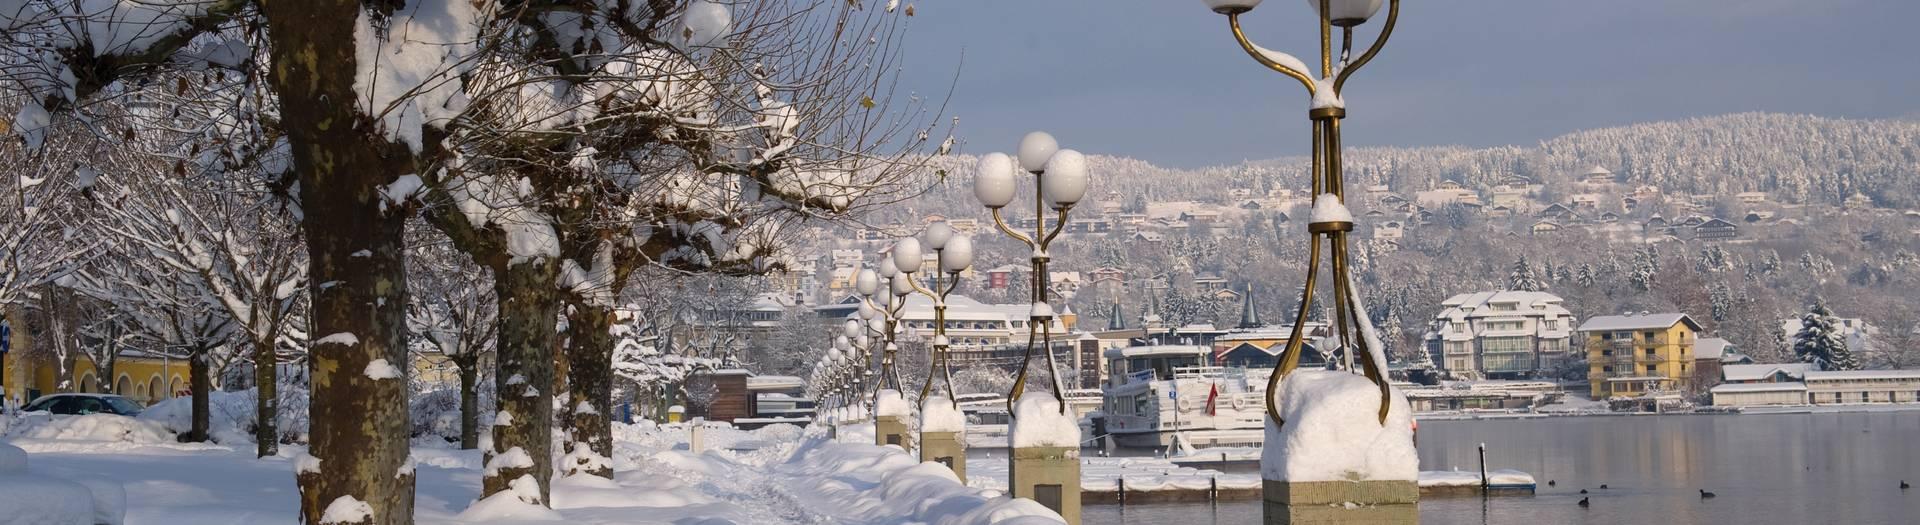 Velden tief verschneit im Winter